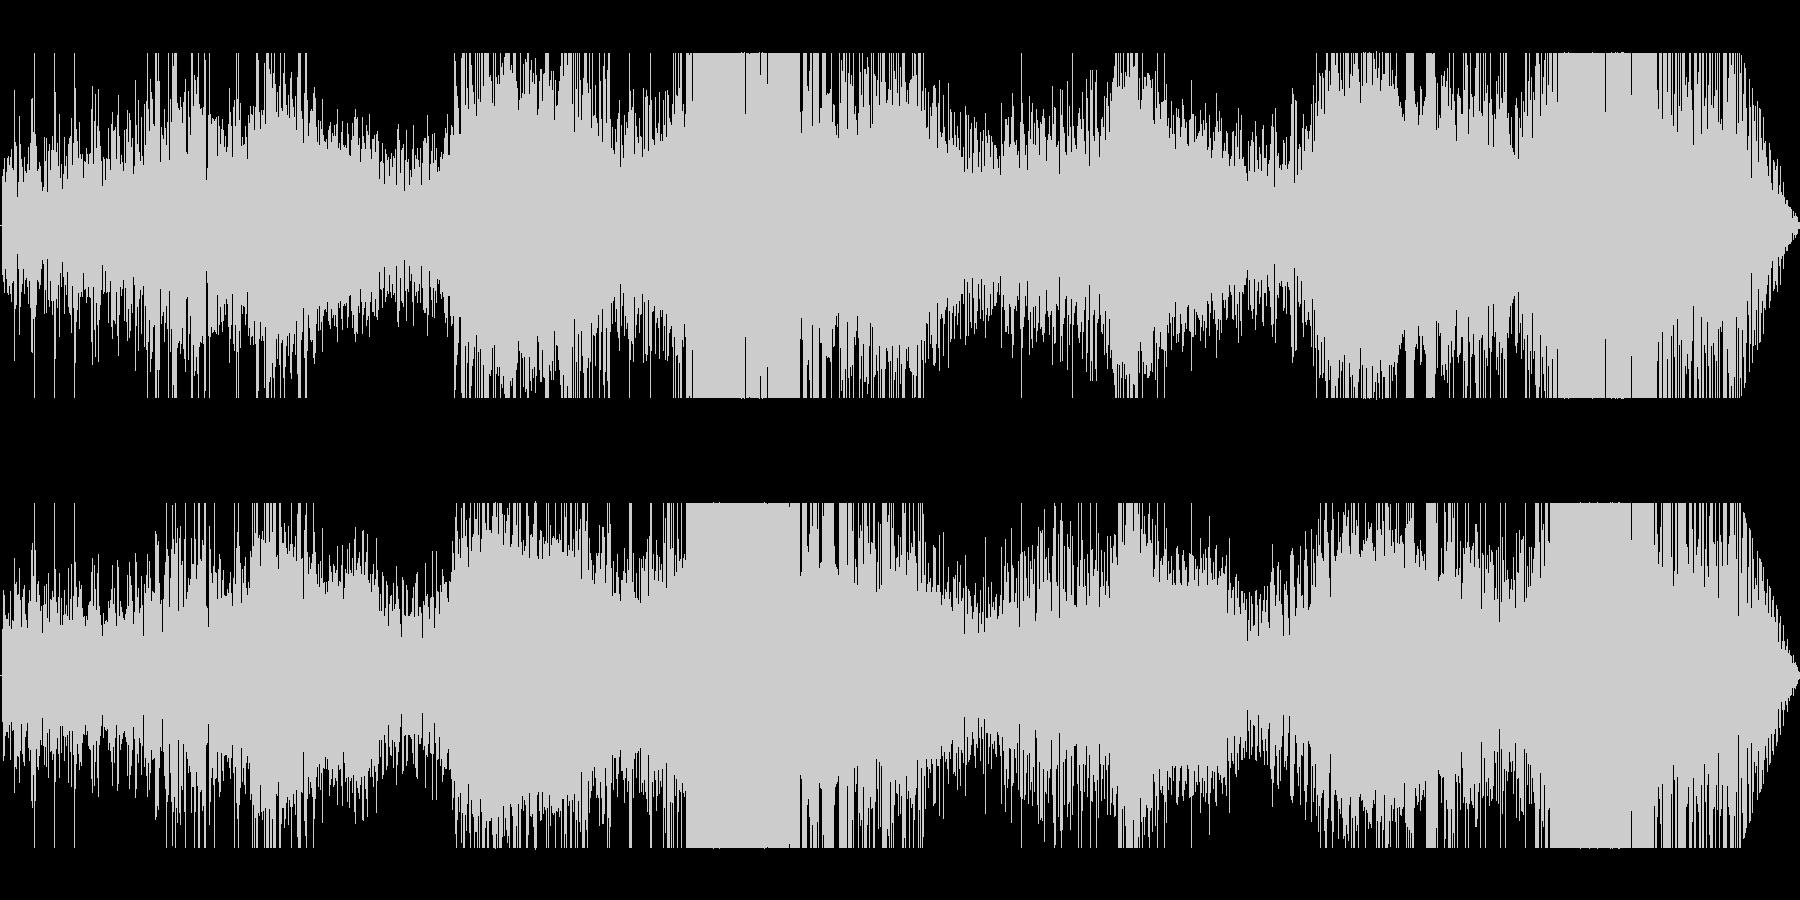 ピッチの高い液体倍音を伴う液体メタ...の未再生の波形